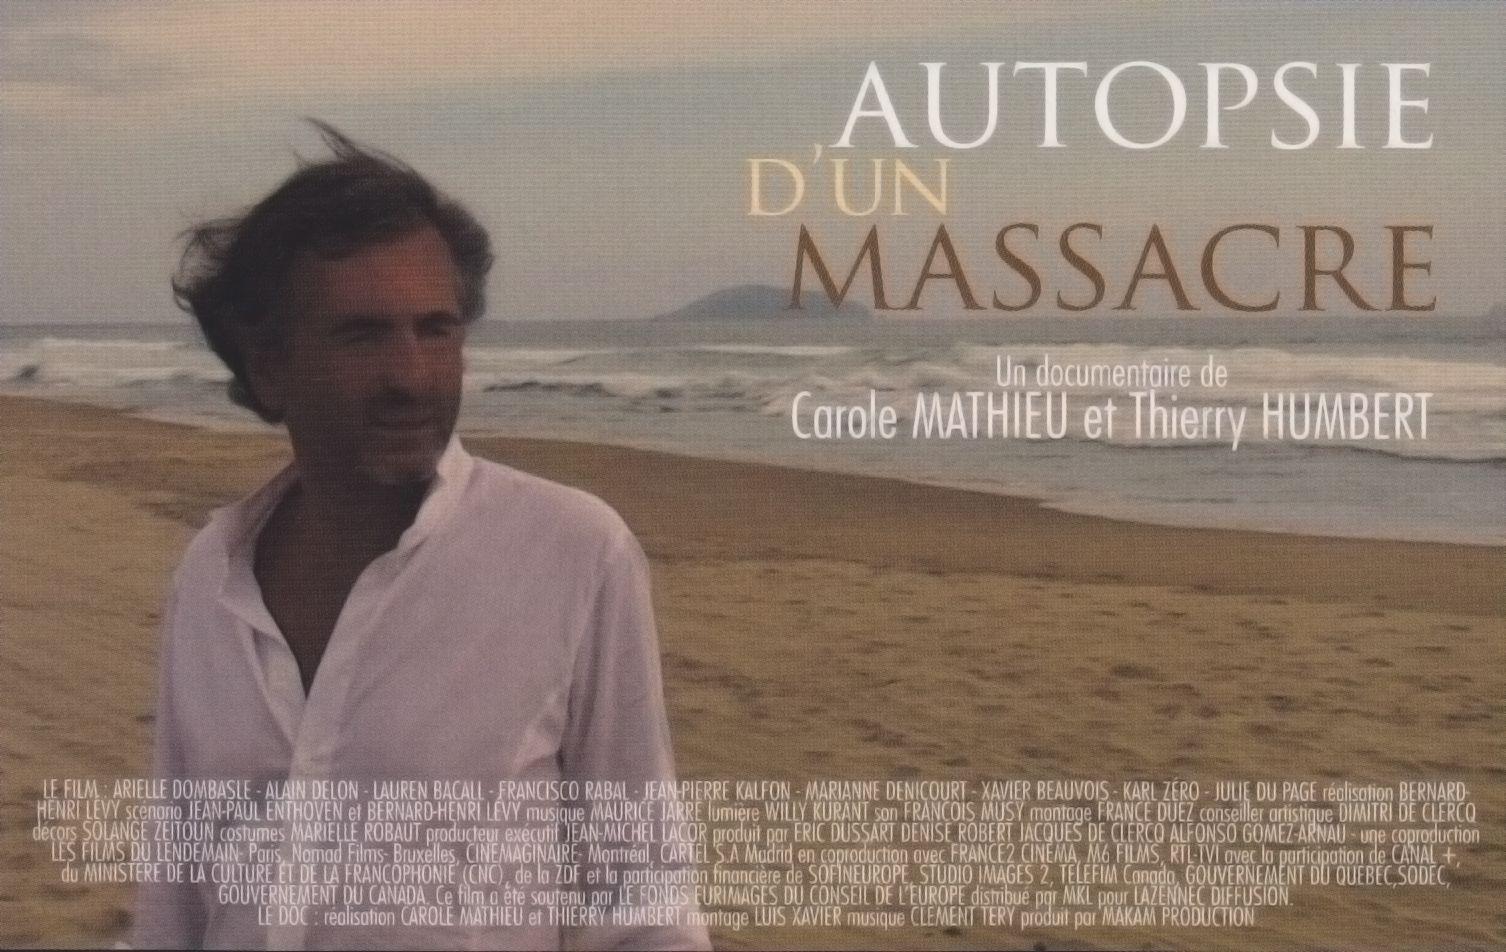 Autopsie d'un Massacre - Documentaire (2010)